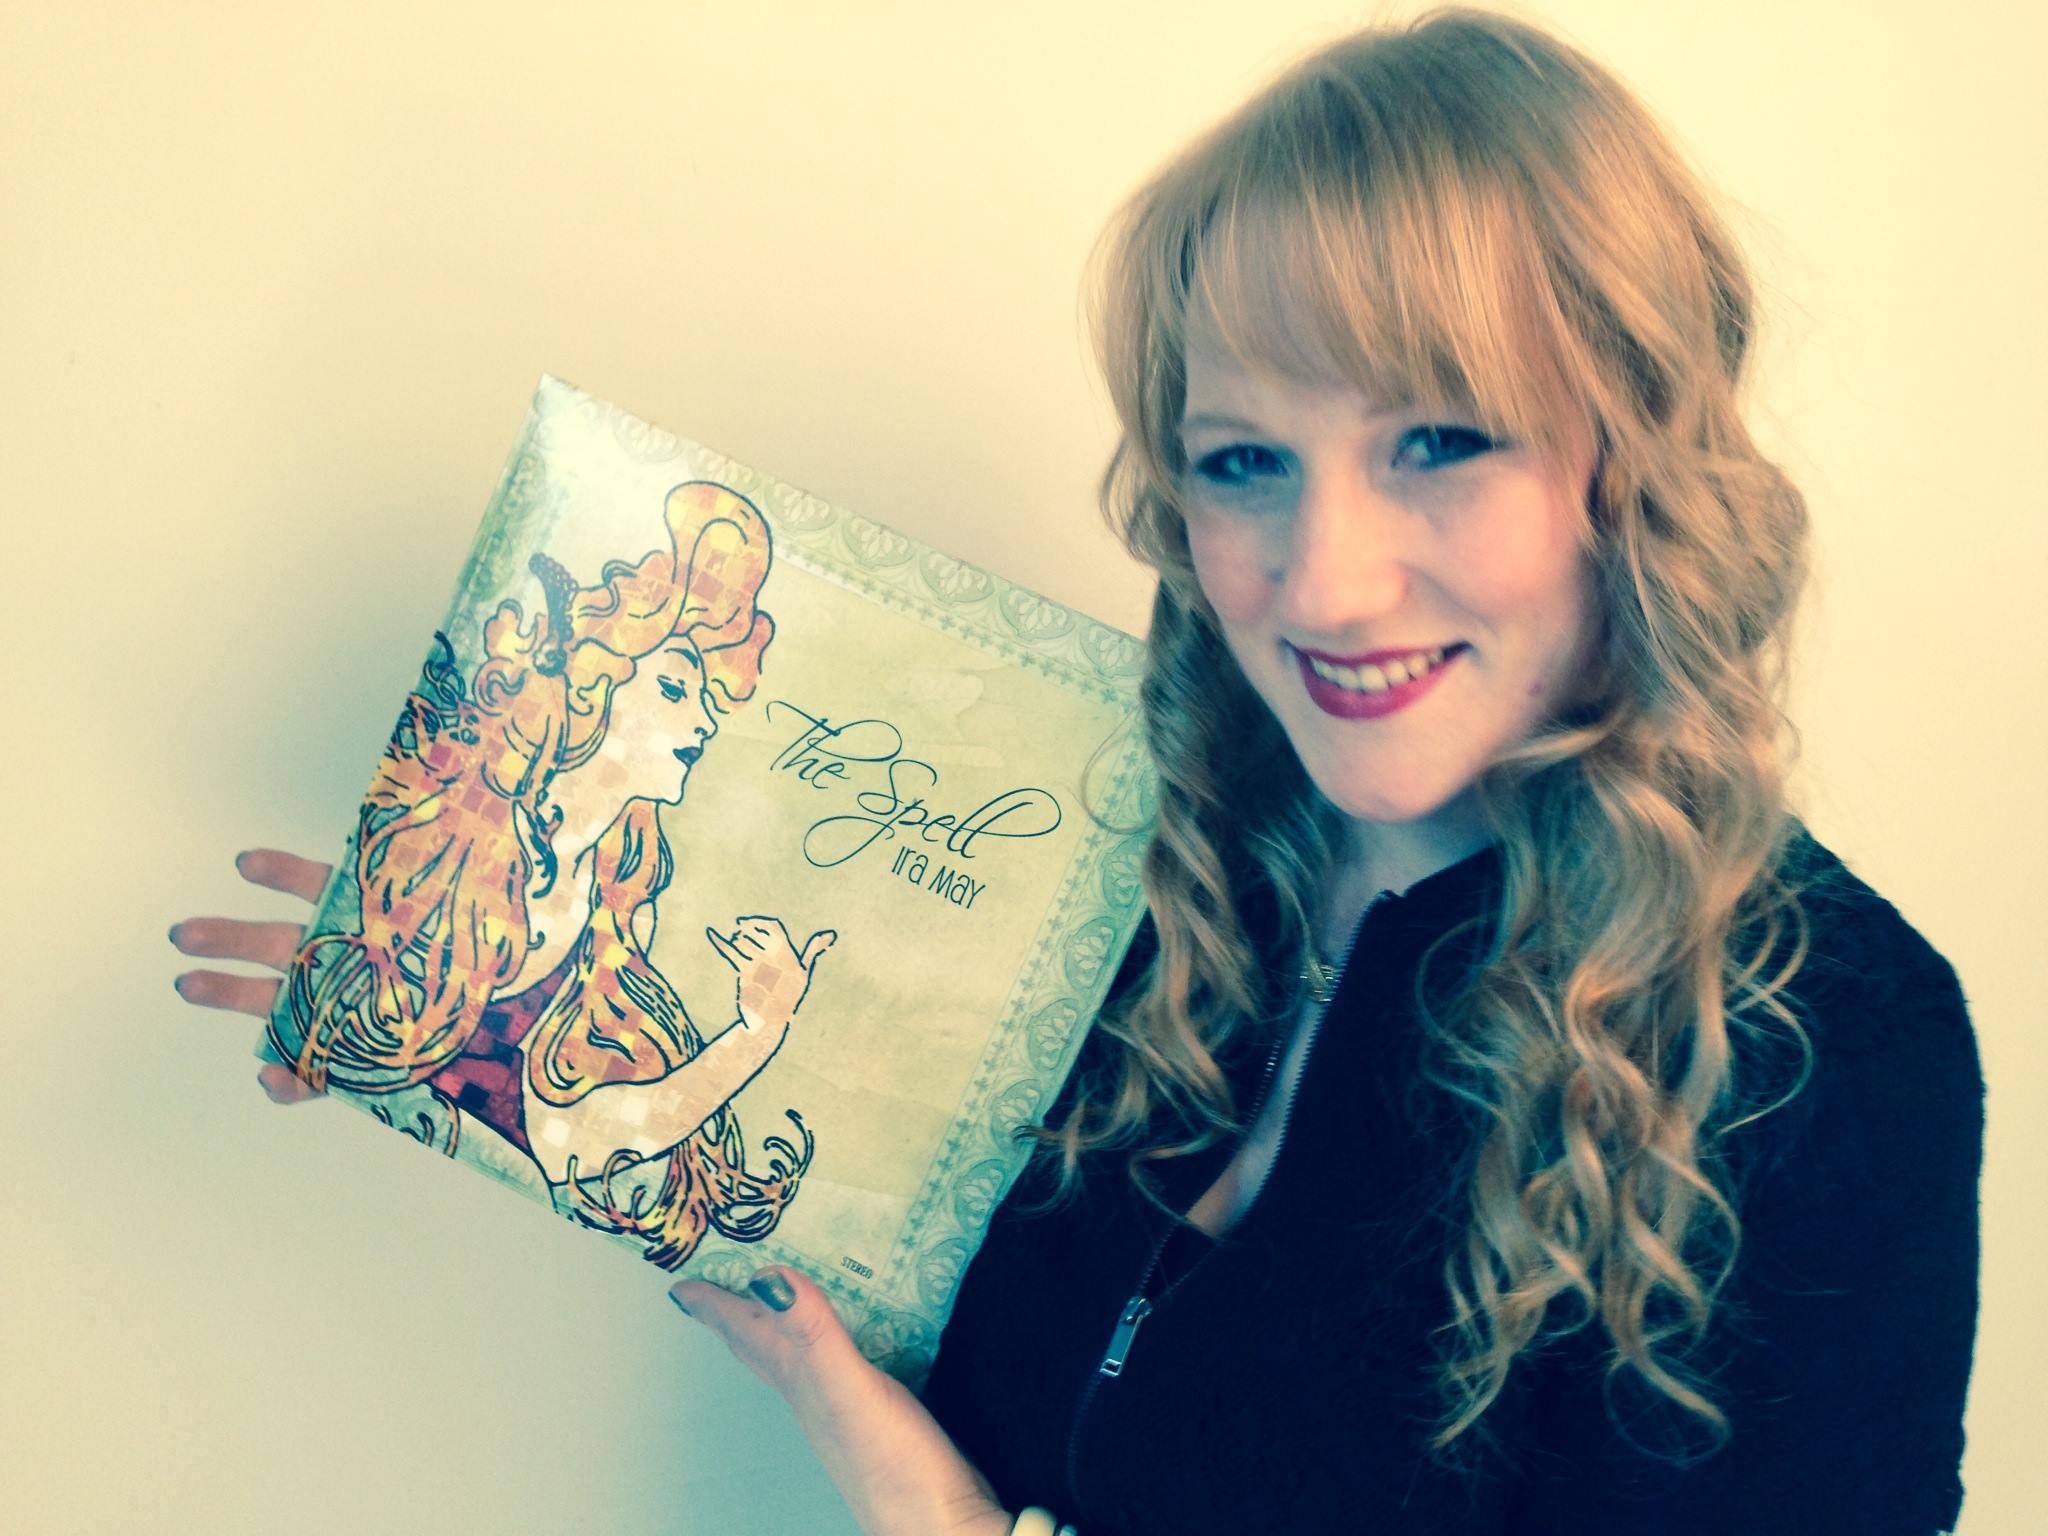 Von 0 auf 1 der Schweizer Album Charts! Ira May – The Spell